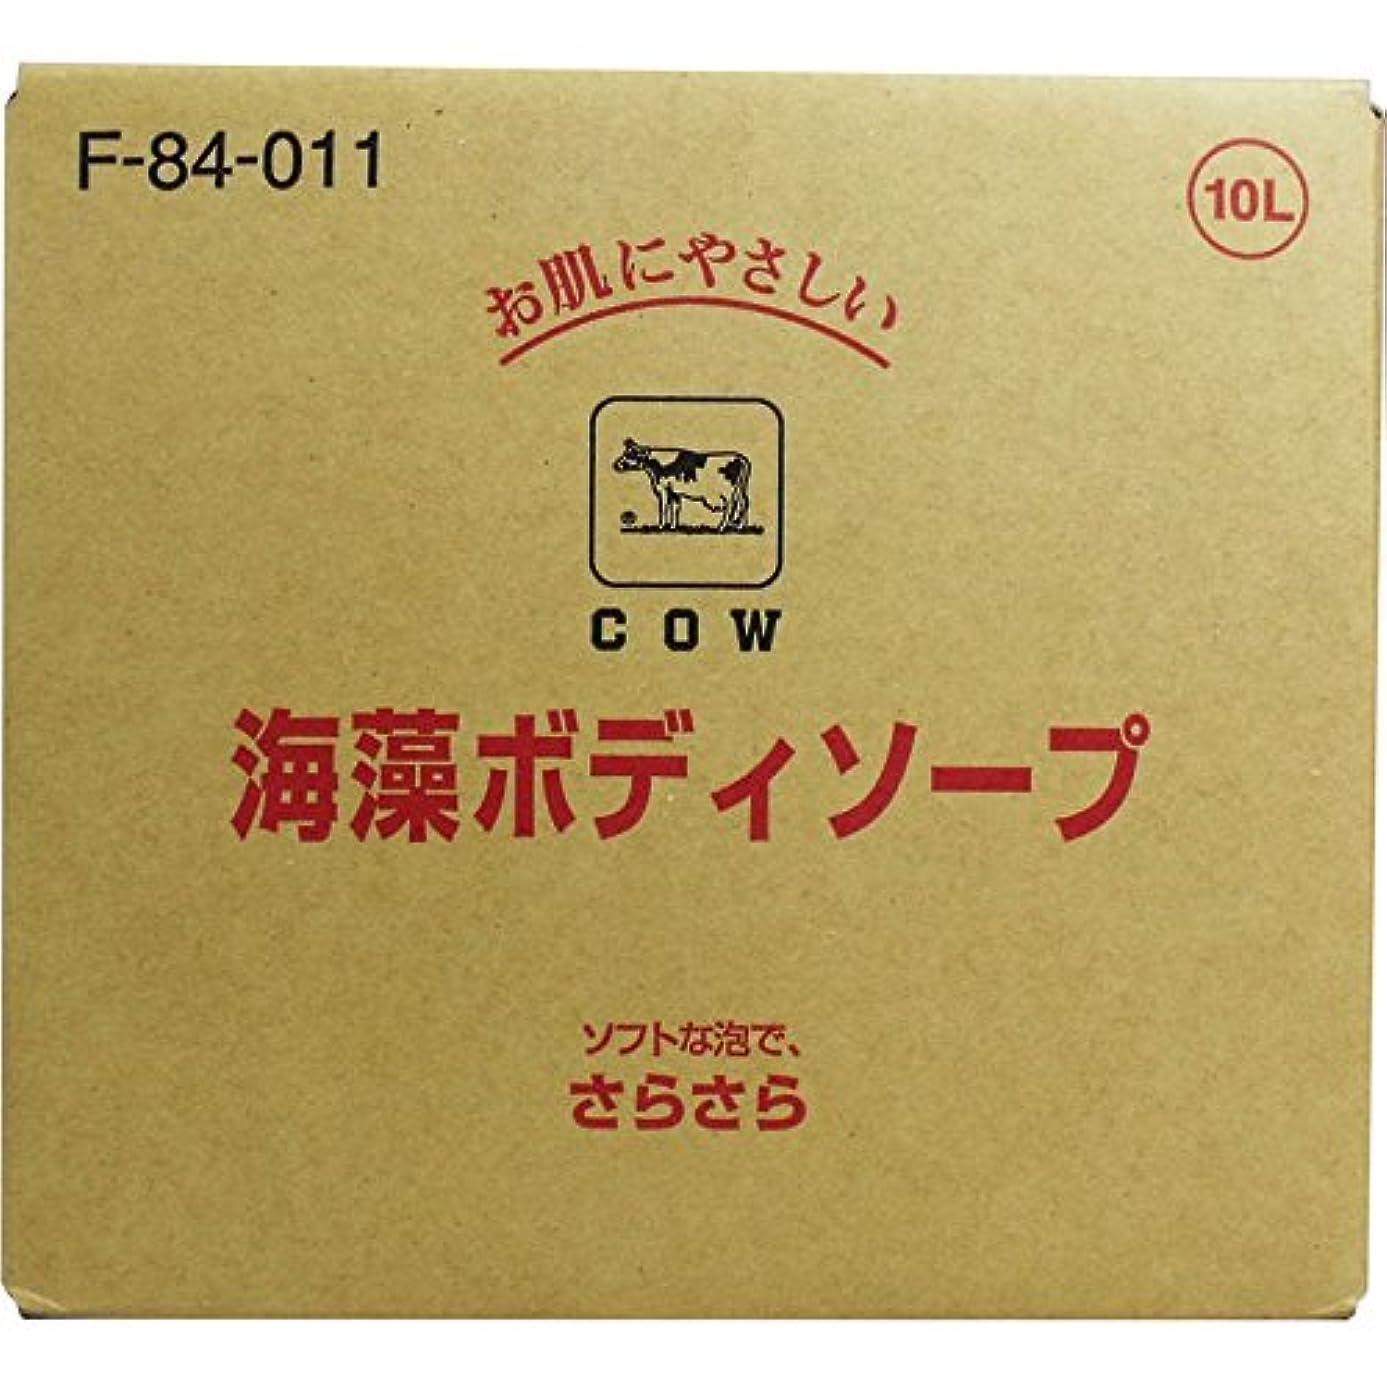 仮称注文走るボディ 石けん詰め替え さらさらした洗い心地 便利商品 牛乳ブランド 海藻ボディソープ 業務用 10L